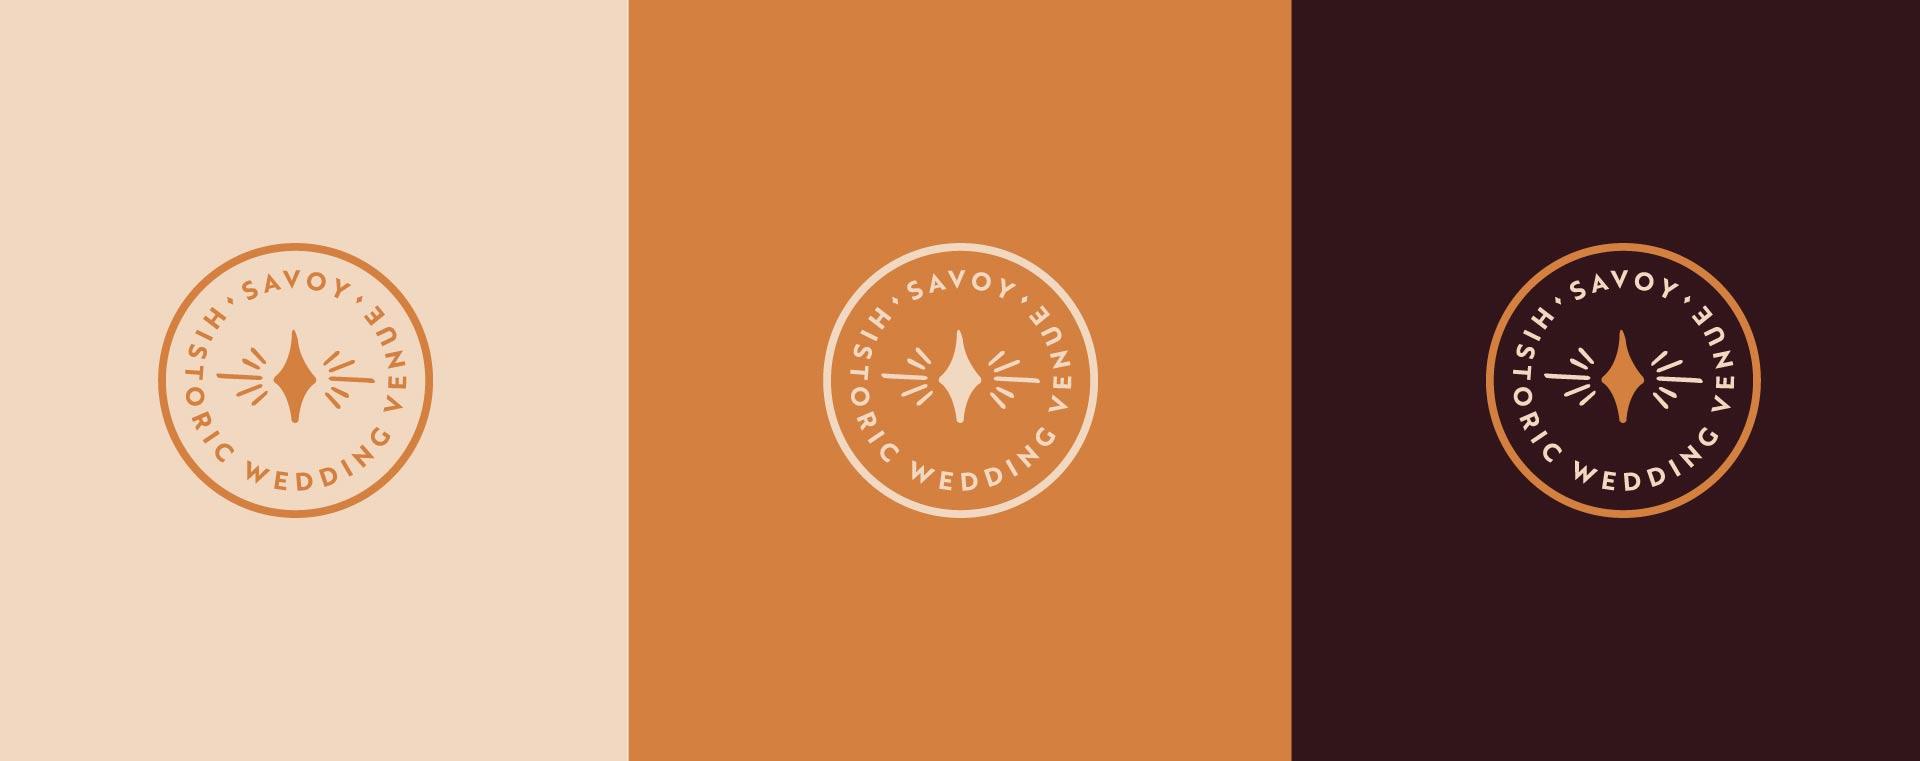 savoy-circle-logos